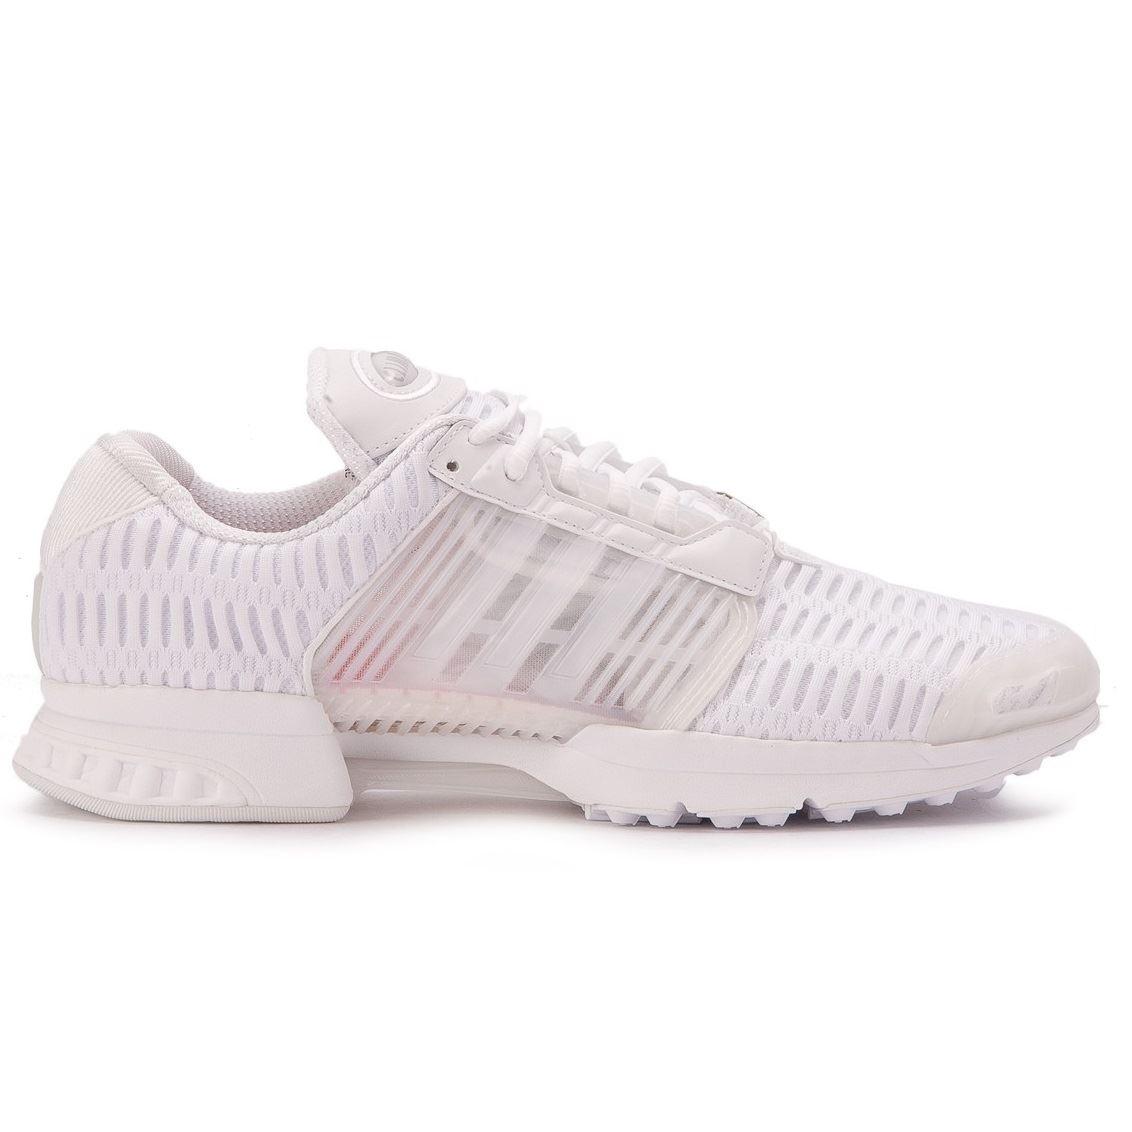 3cacba4c8 Adidas Originales para Hombre Climacool Deportes Correr Zapatillas ...